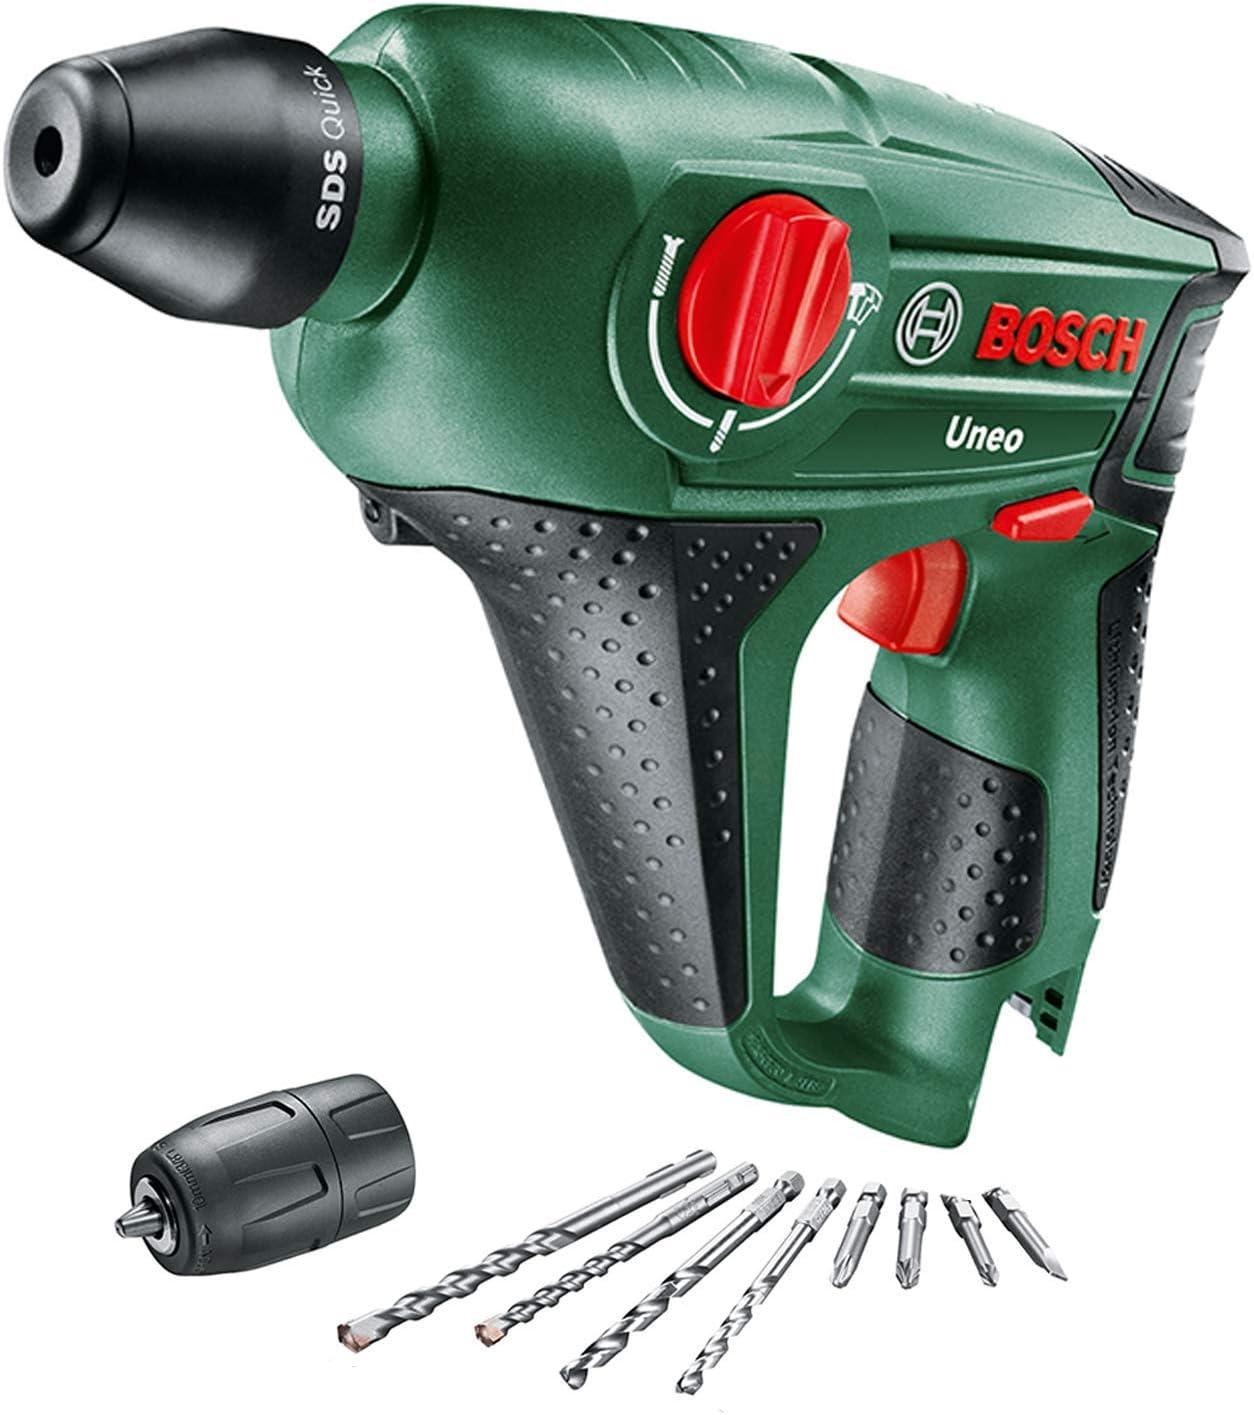 Bosch Mehrzweck Bohrer SDS-Quick für Uneo Akku Bohrhammer von 4-10mm Holz Metall